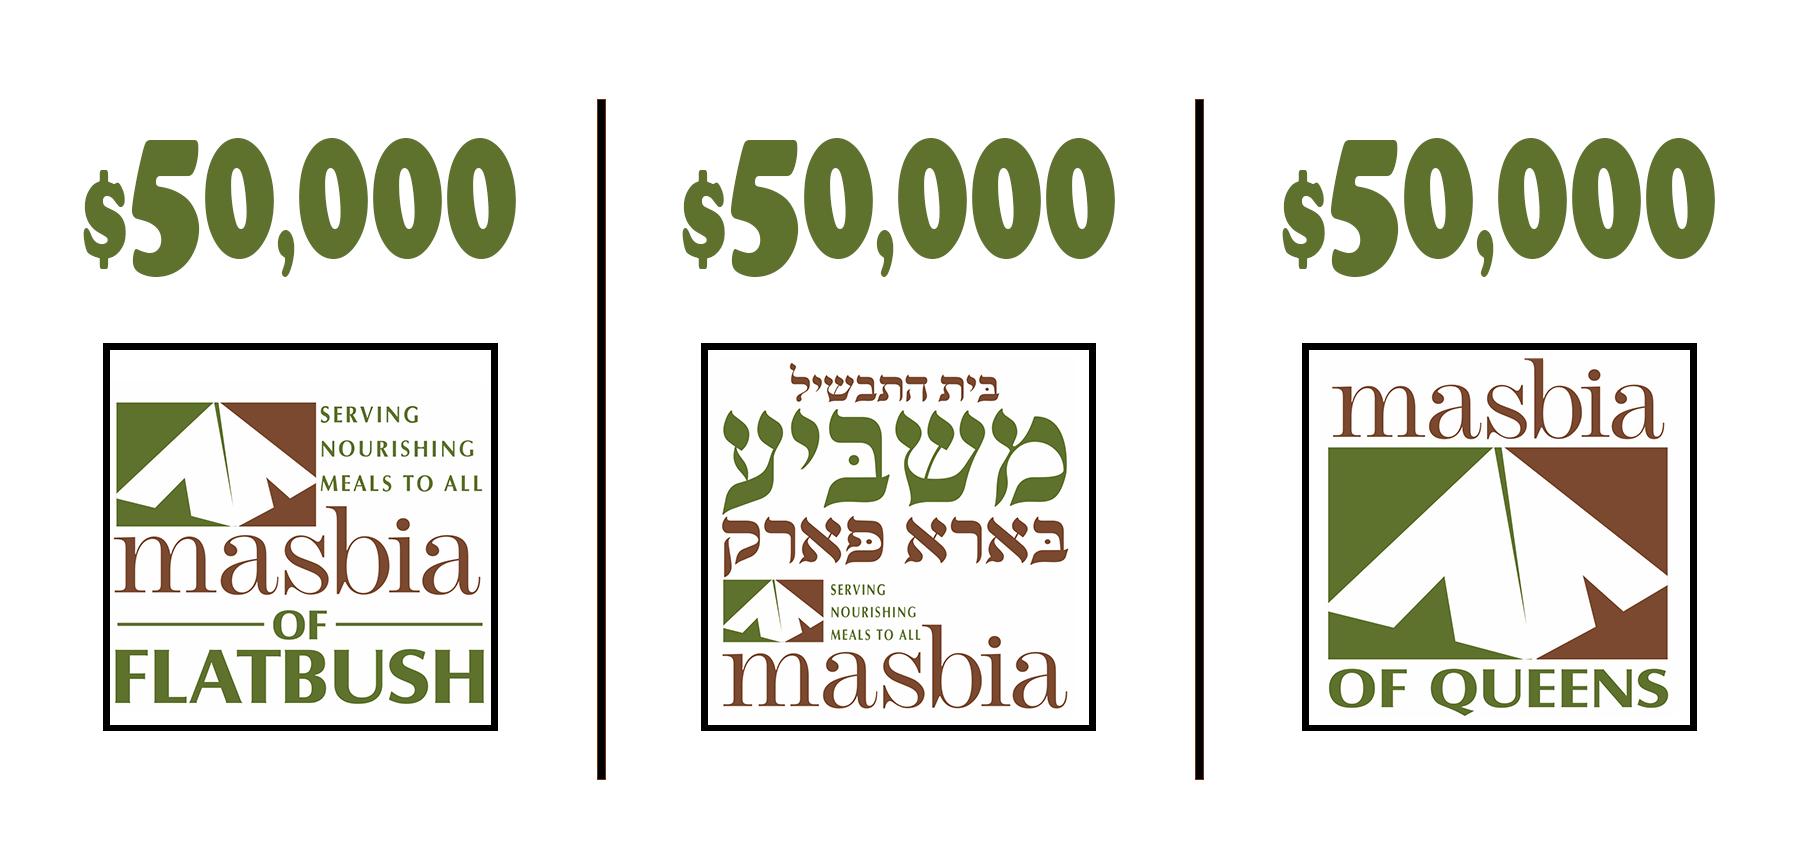 masbia charity food match goal